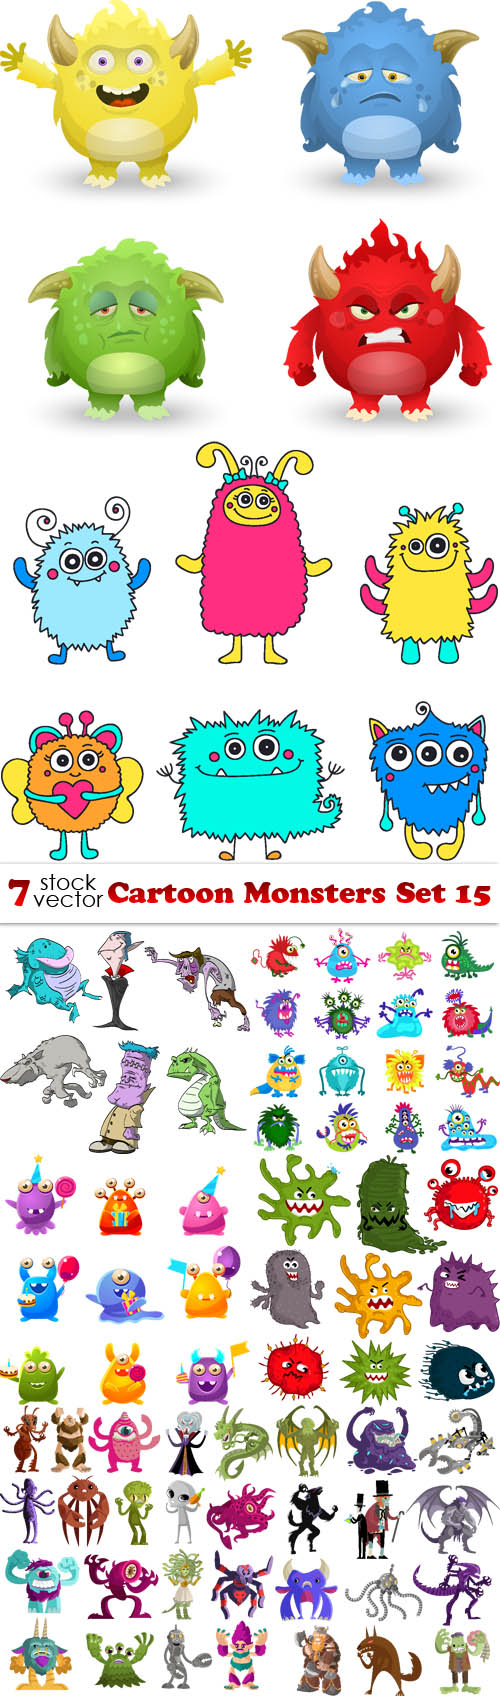 Vectors - Cartoon Monsters Set 15